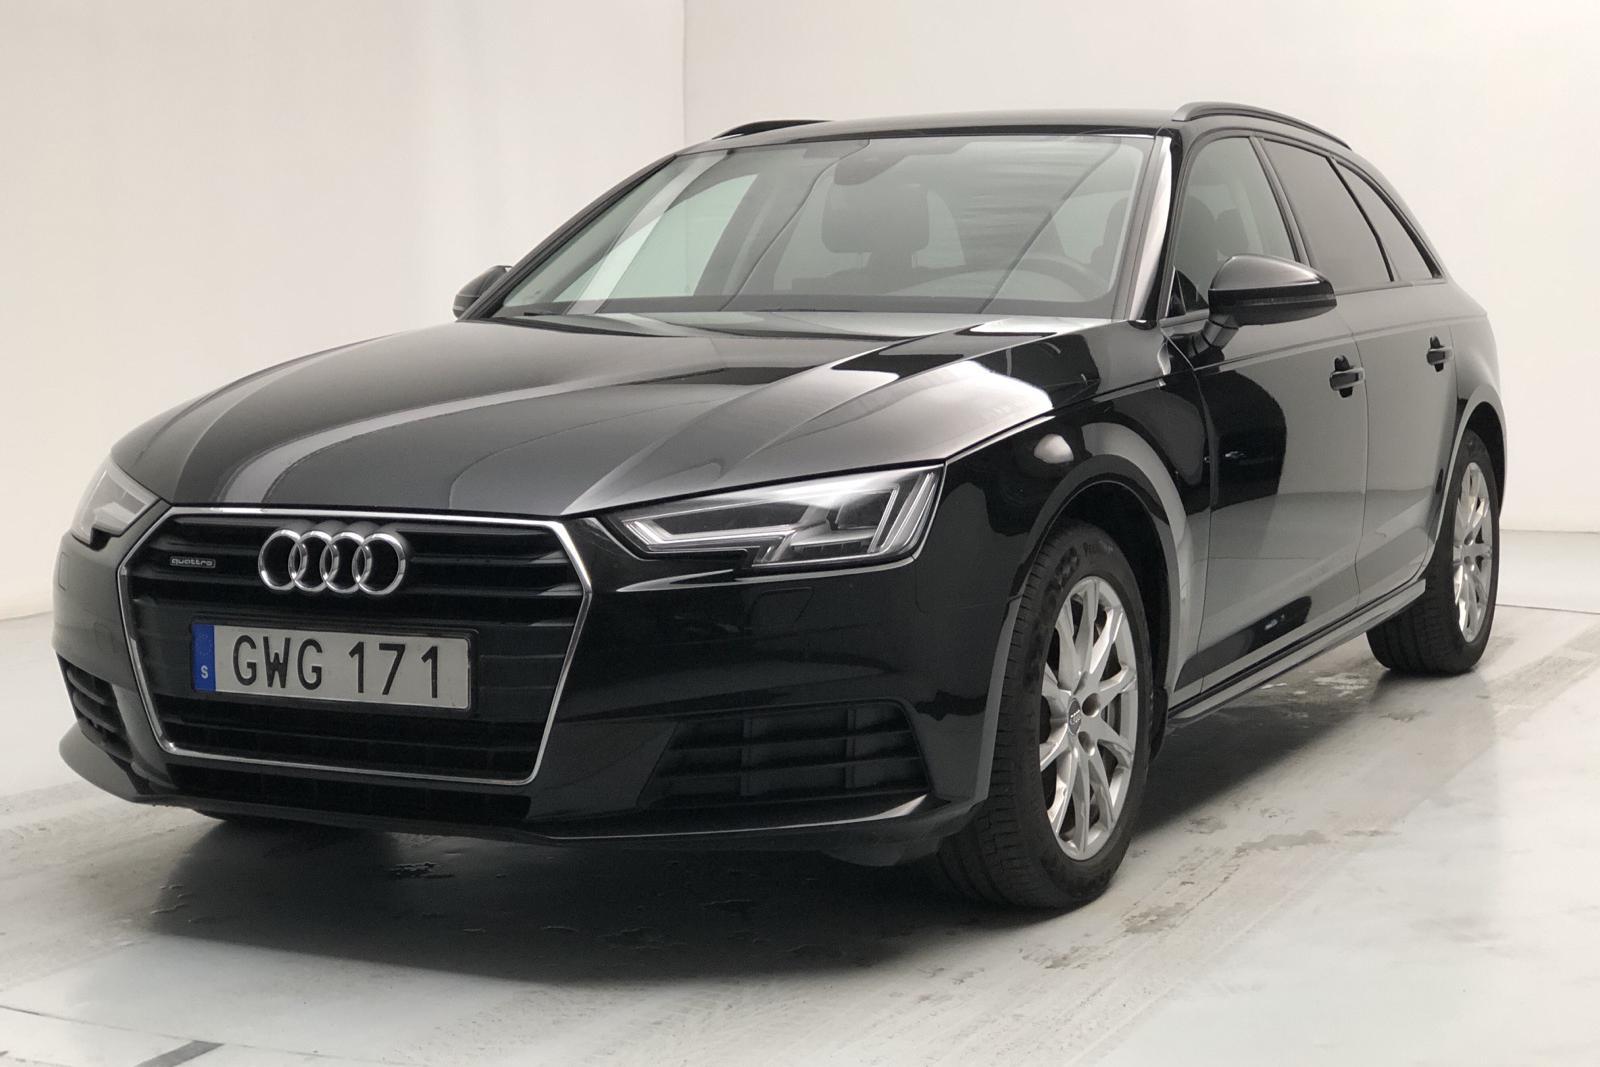 Audi A4 2.0 TDI Avant quattro (190hk) - 9 749 mil - Automat - svart - 2018